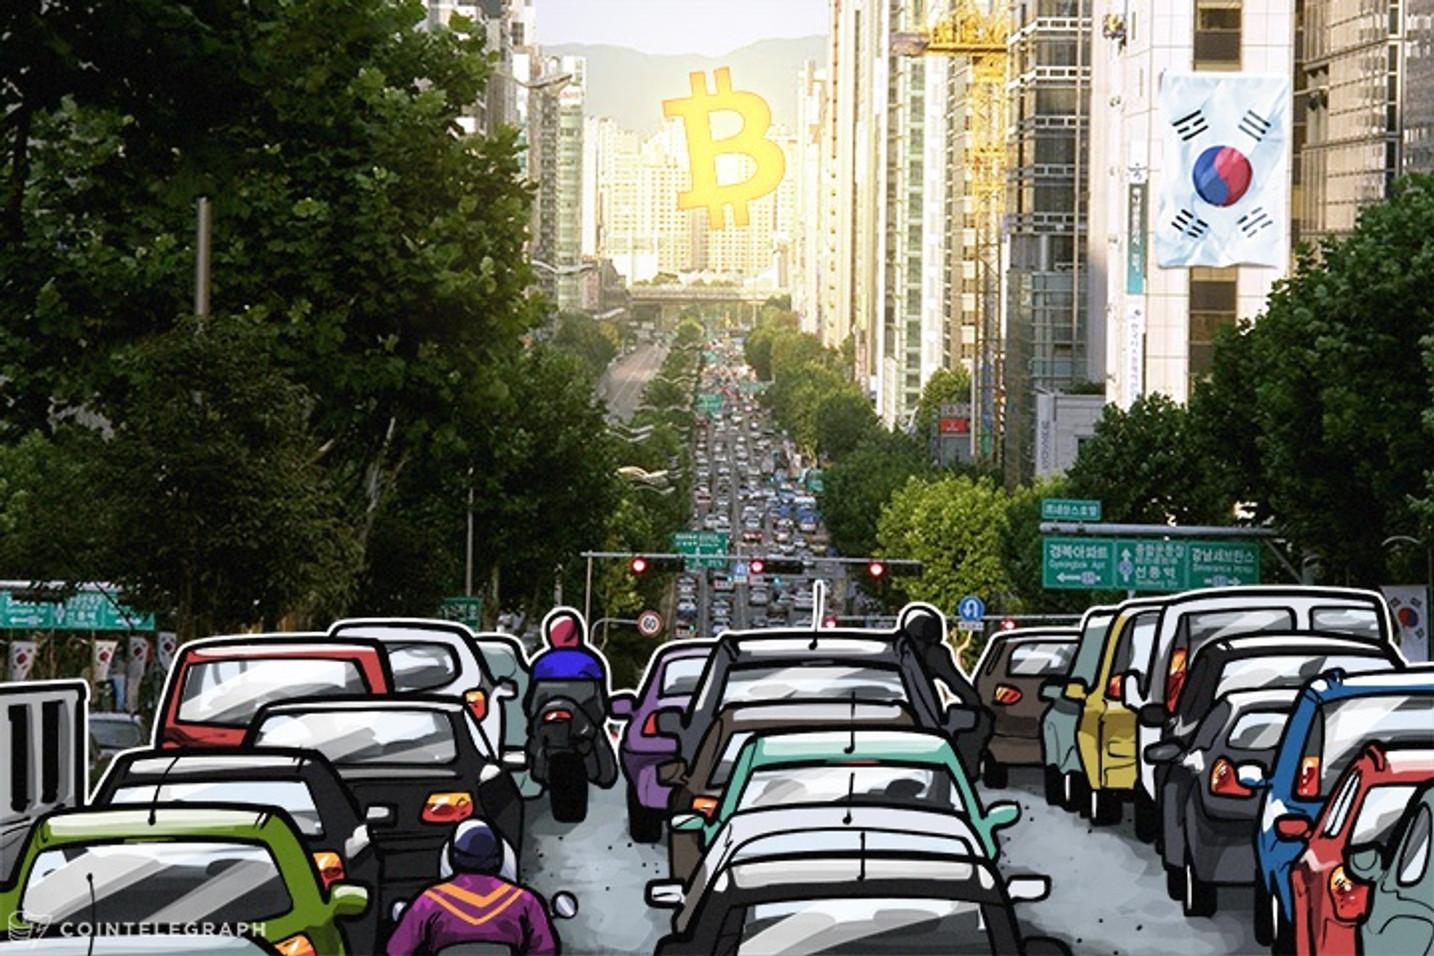 جنون البيتكيون بكوريا الجنوبية: الكل يهرع للاستثمار في العملات الرقميَّة